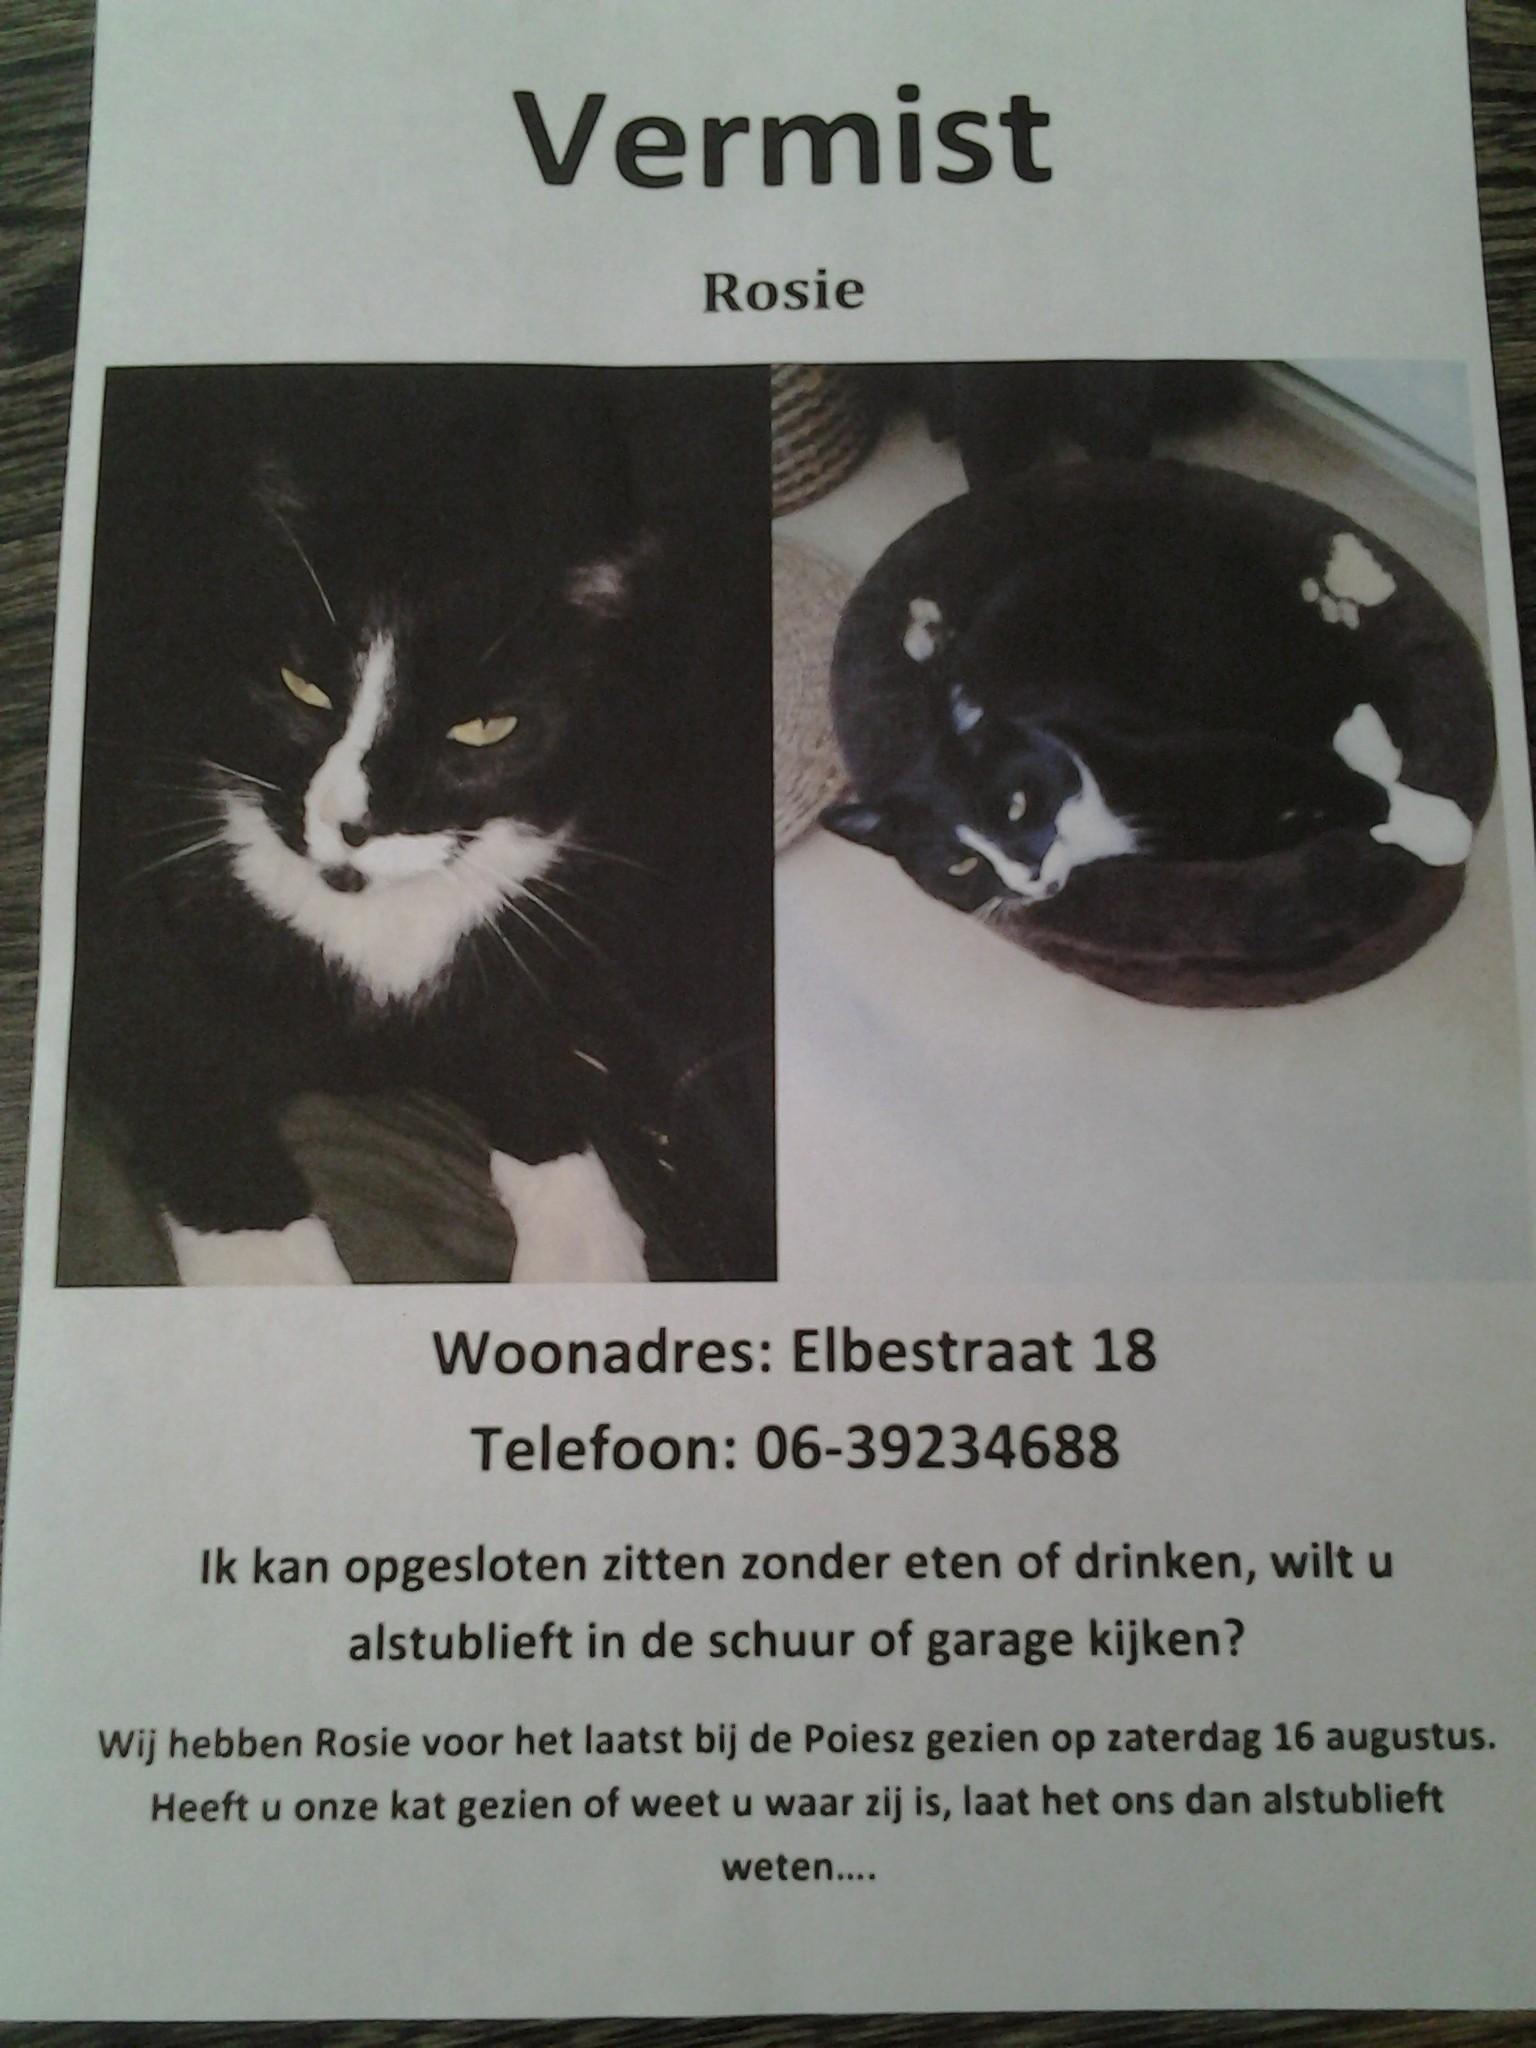 Rosie de kat vermist